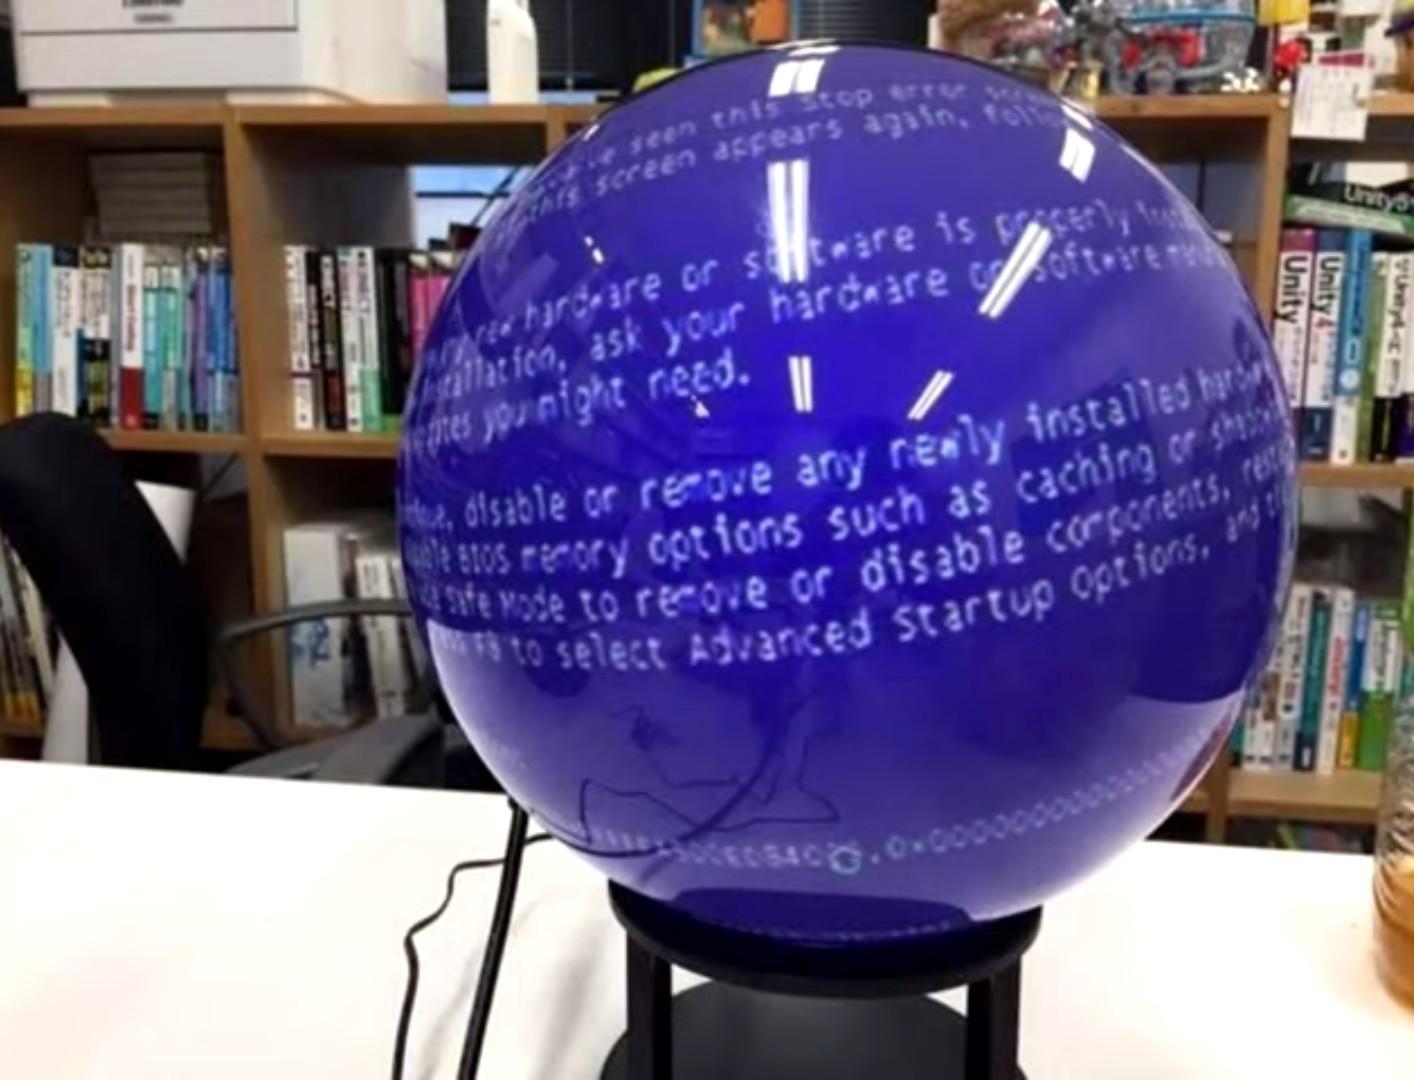 El planeta es todo azul con letras en inglés, porque no está en Geografía? - meme